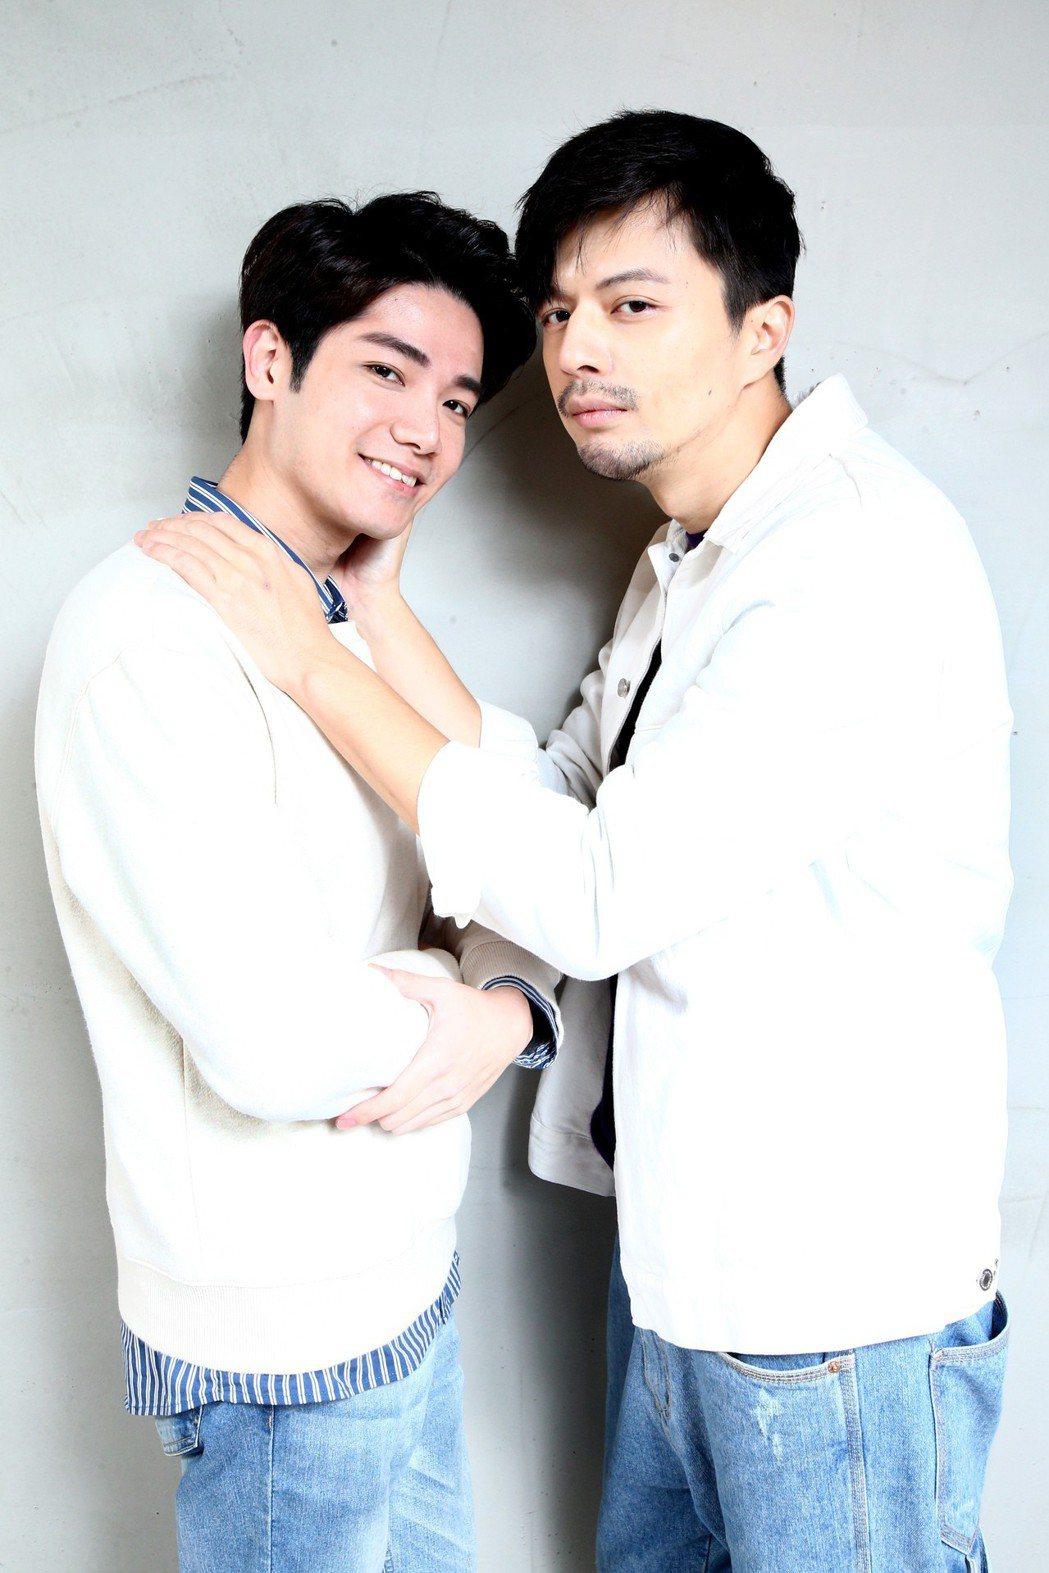 「是非」的演員張行(左)與江常輝(右)專訪。記者蘇健忠/攝影